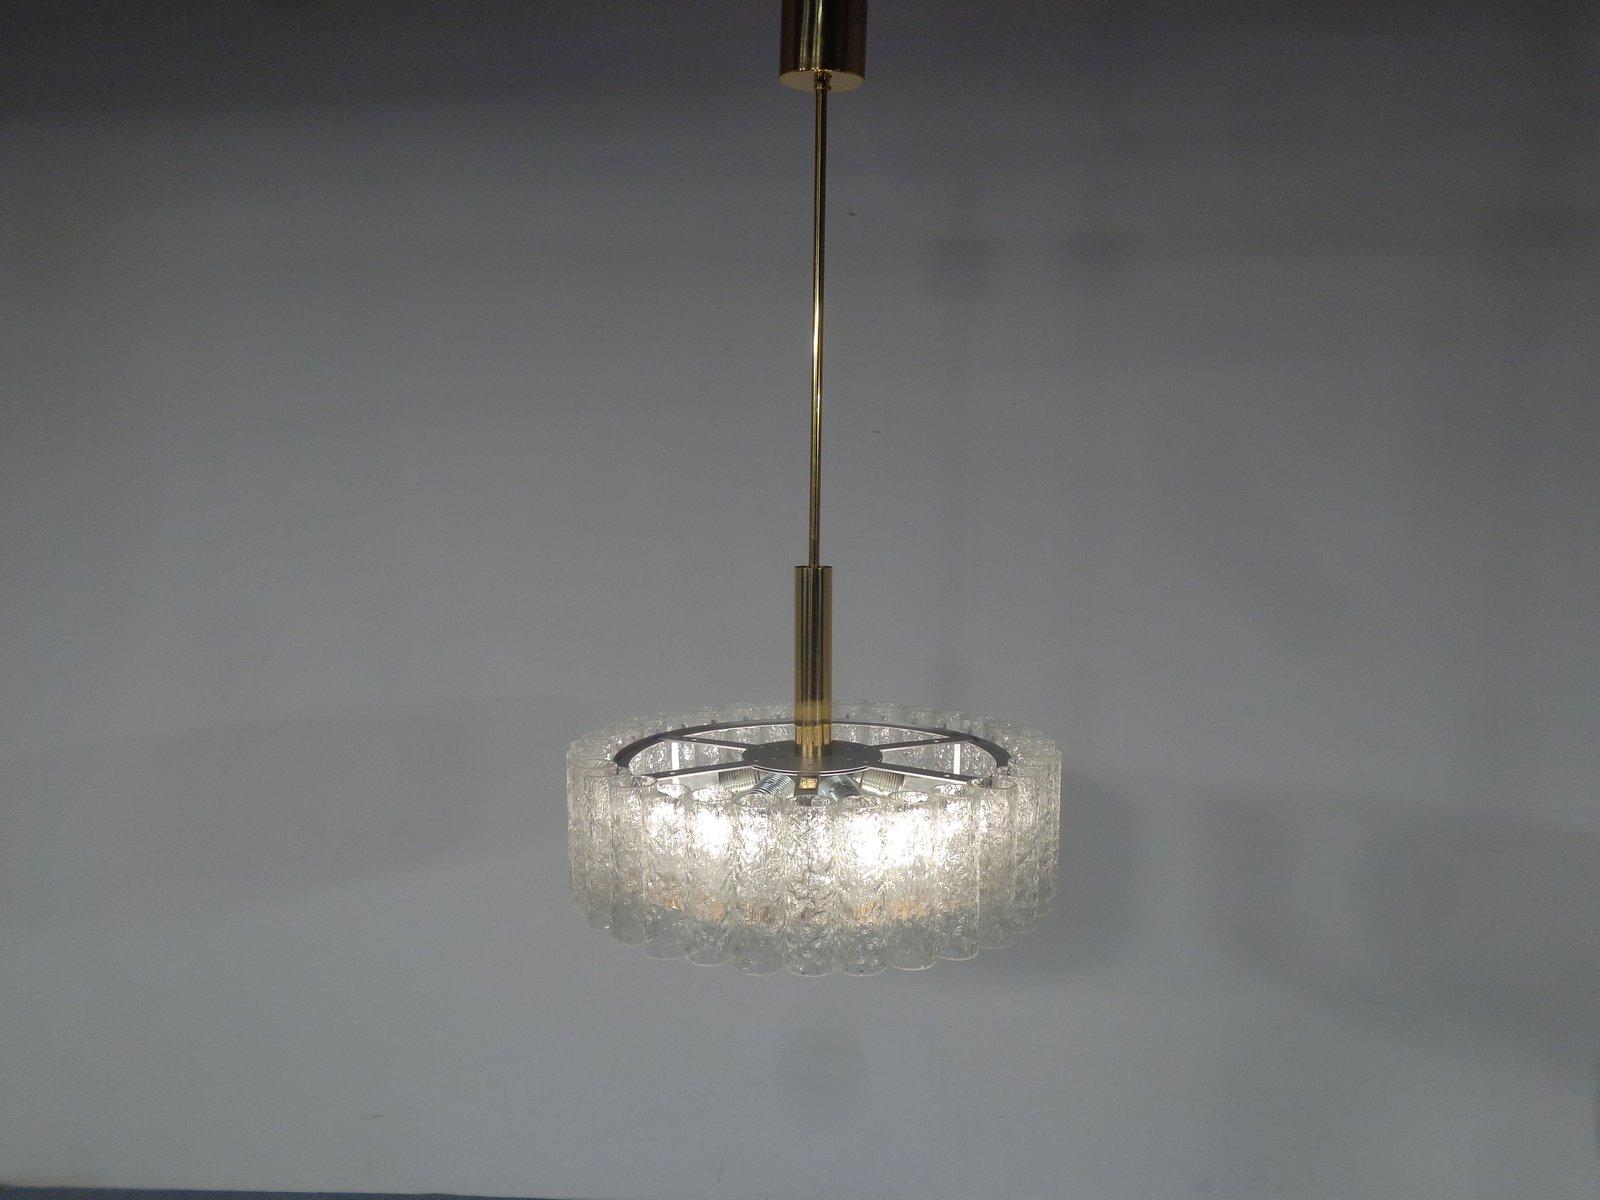 Deckenlampe von Doria, 1960er